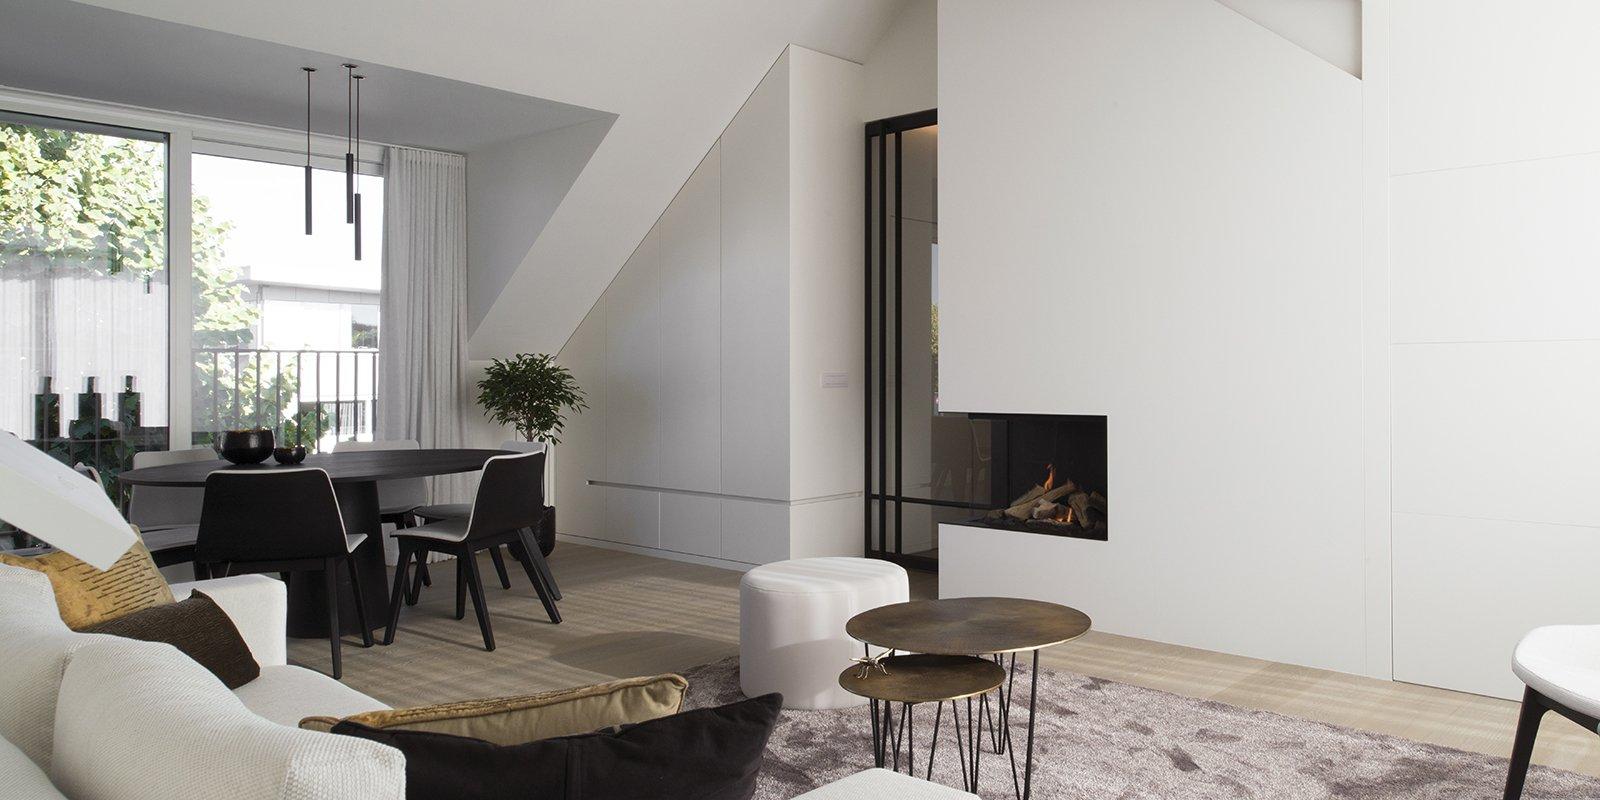 QTD, haard, woonkamer, exclusief, modern, the art of living